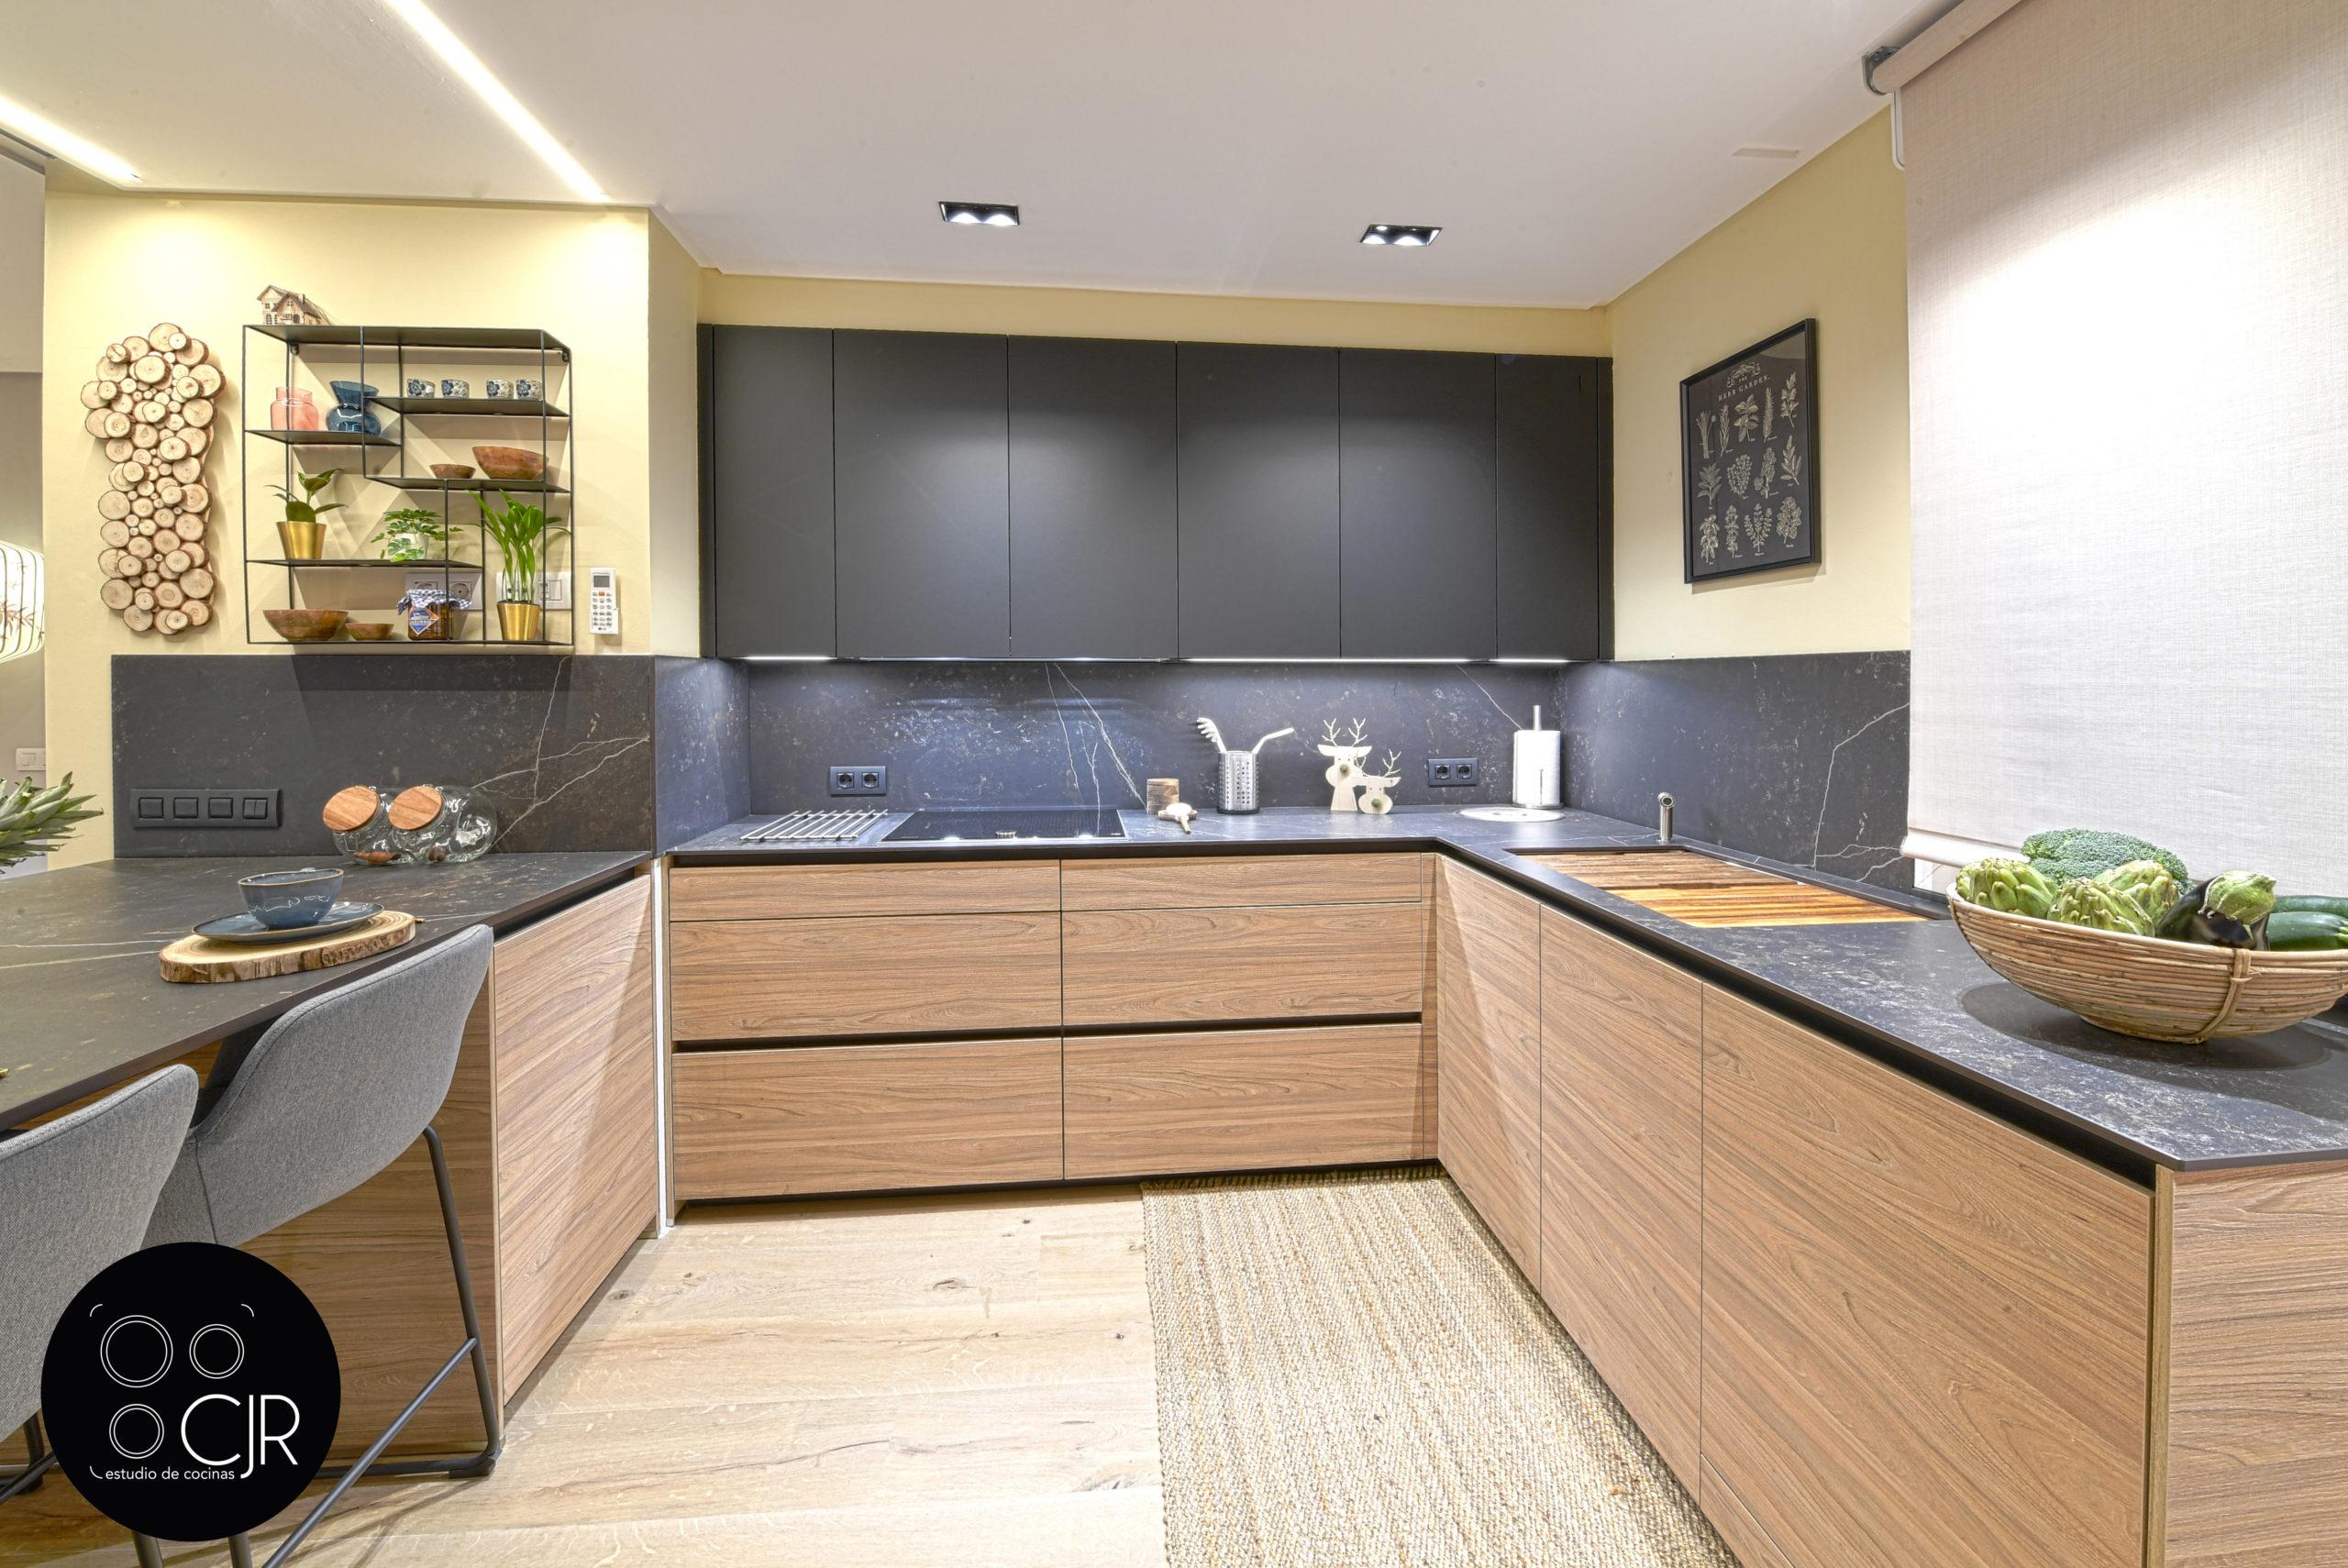 Otra vista de la cocina moderna negra y madera